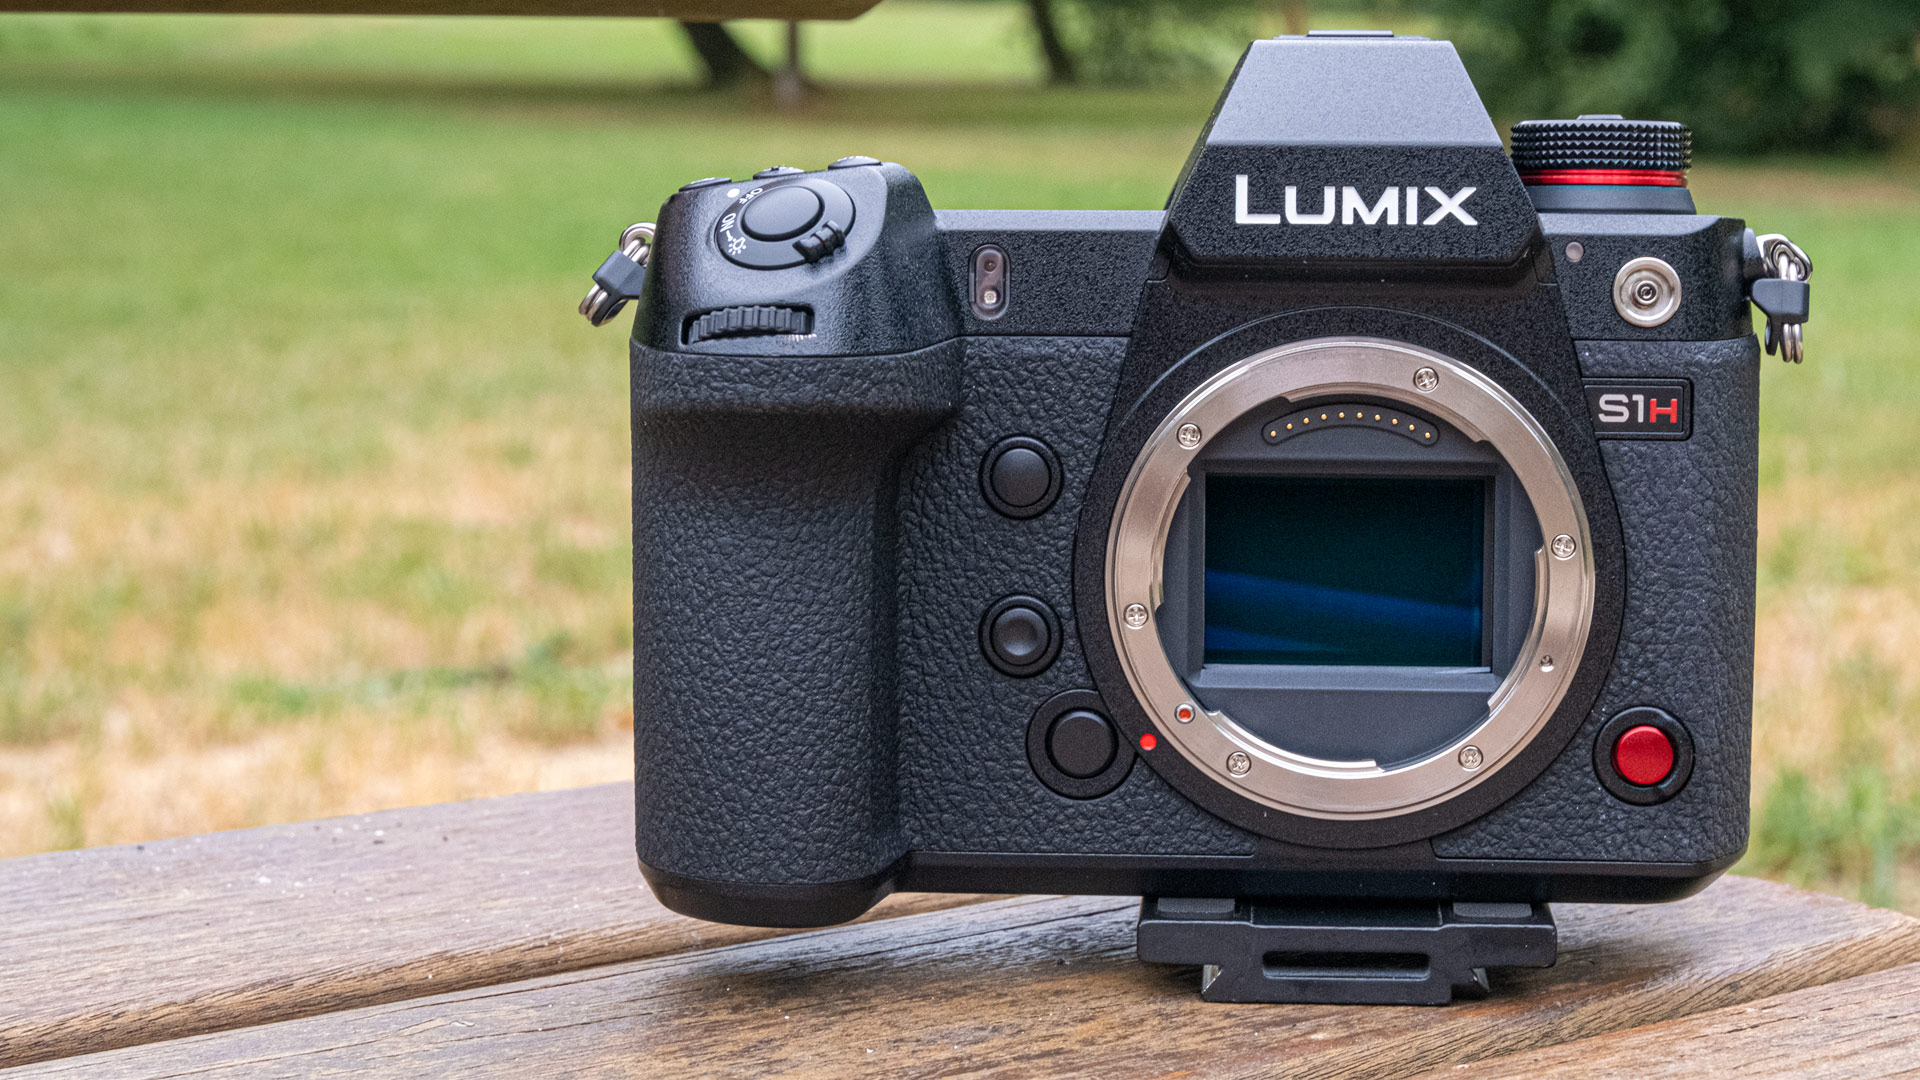 パナソニックが海外でLUMIX S1Hを正式発表 - 6Kフルフレームミラーレスカメラ